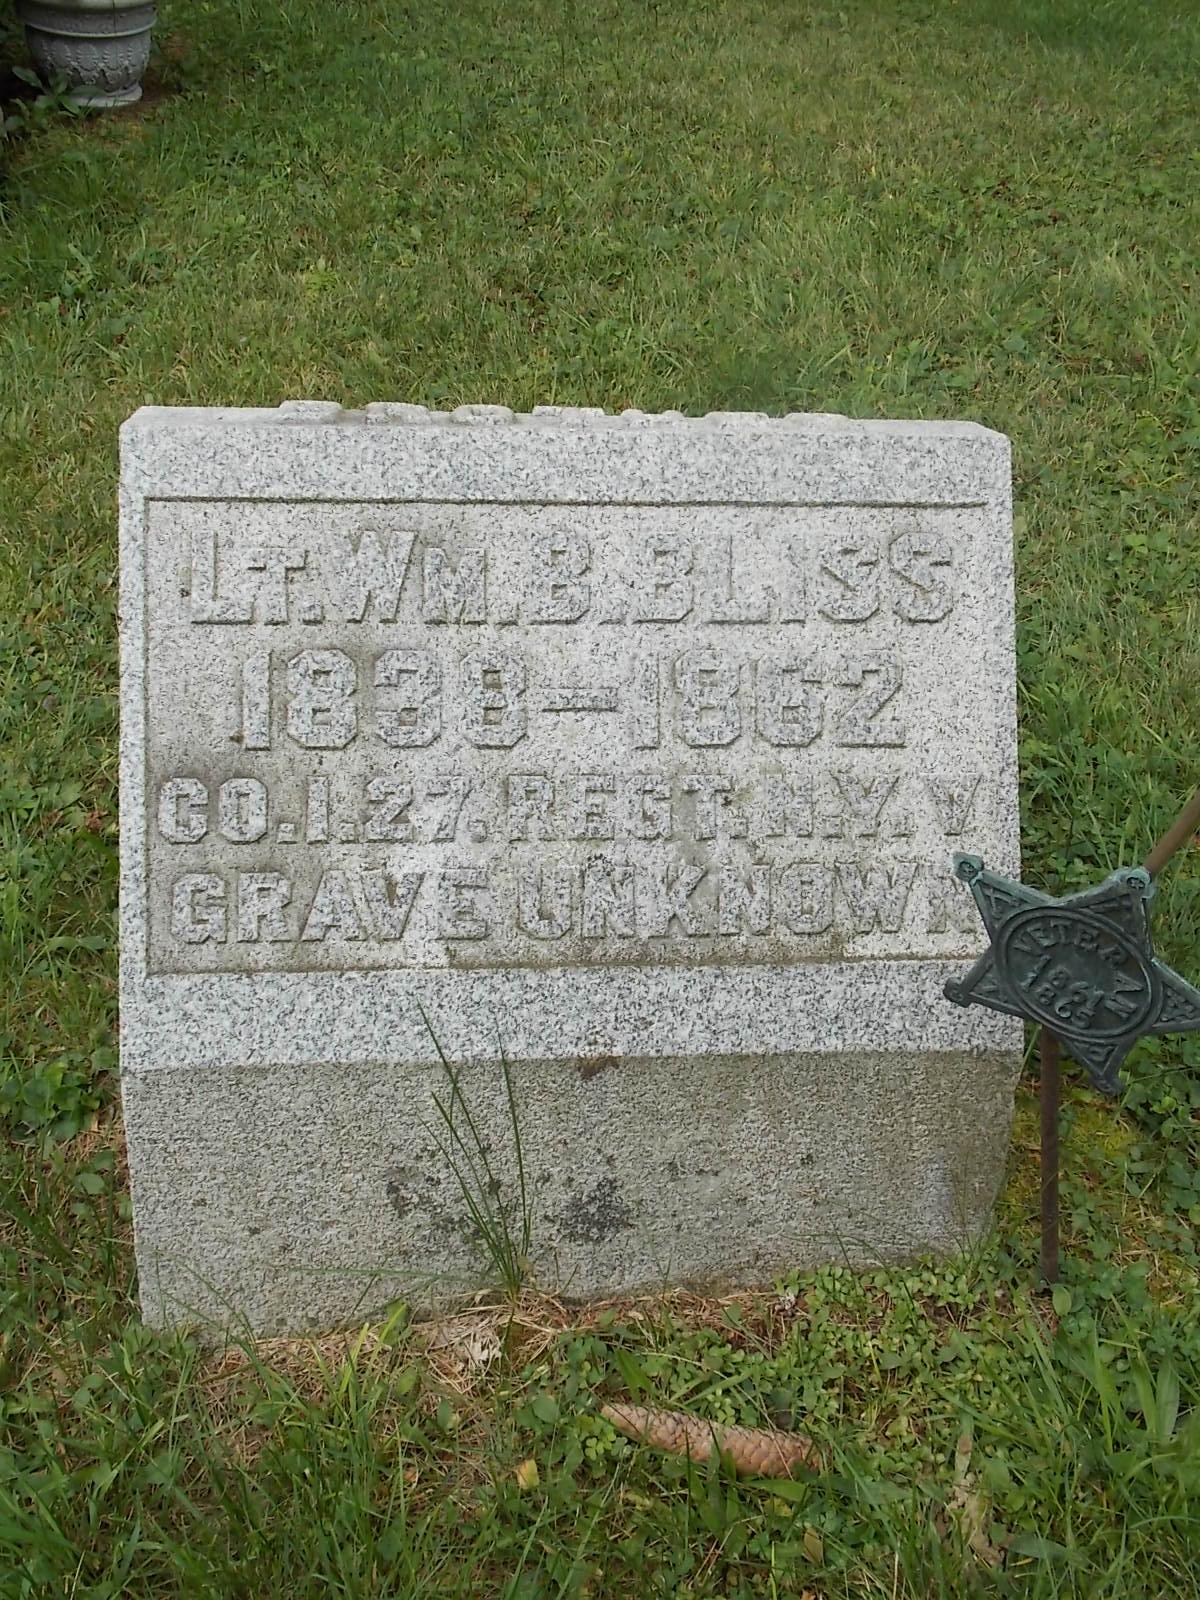 Lieut William Boss Bliss